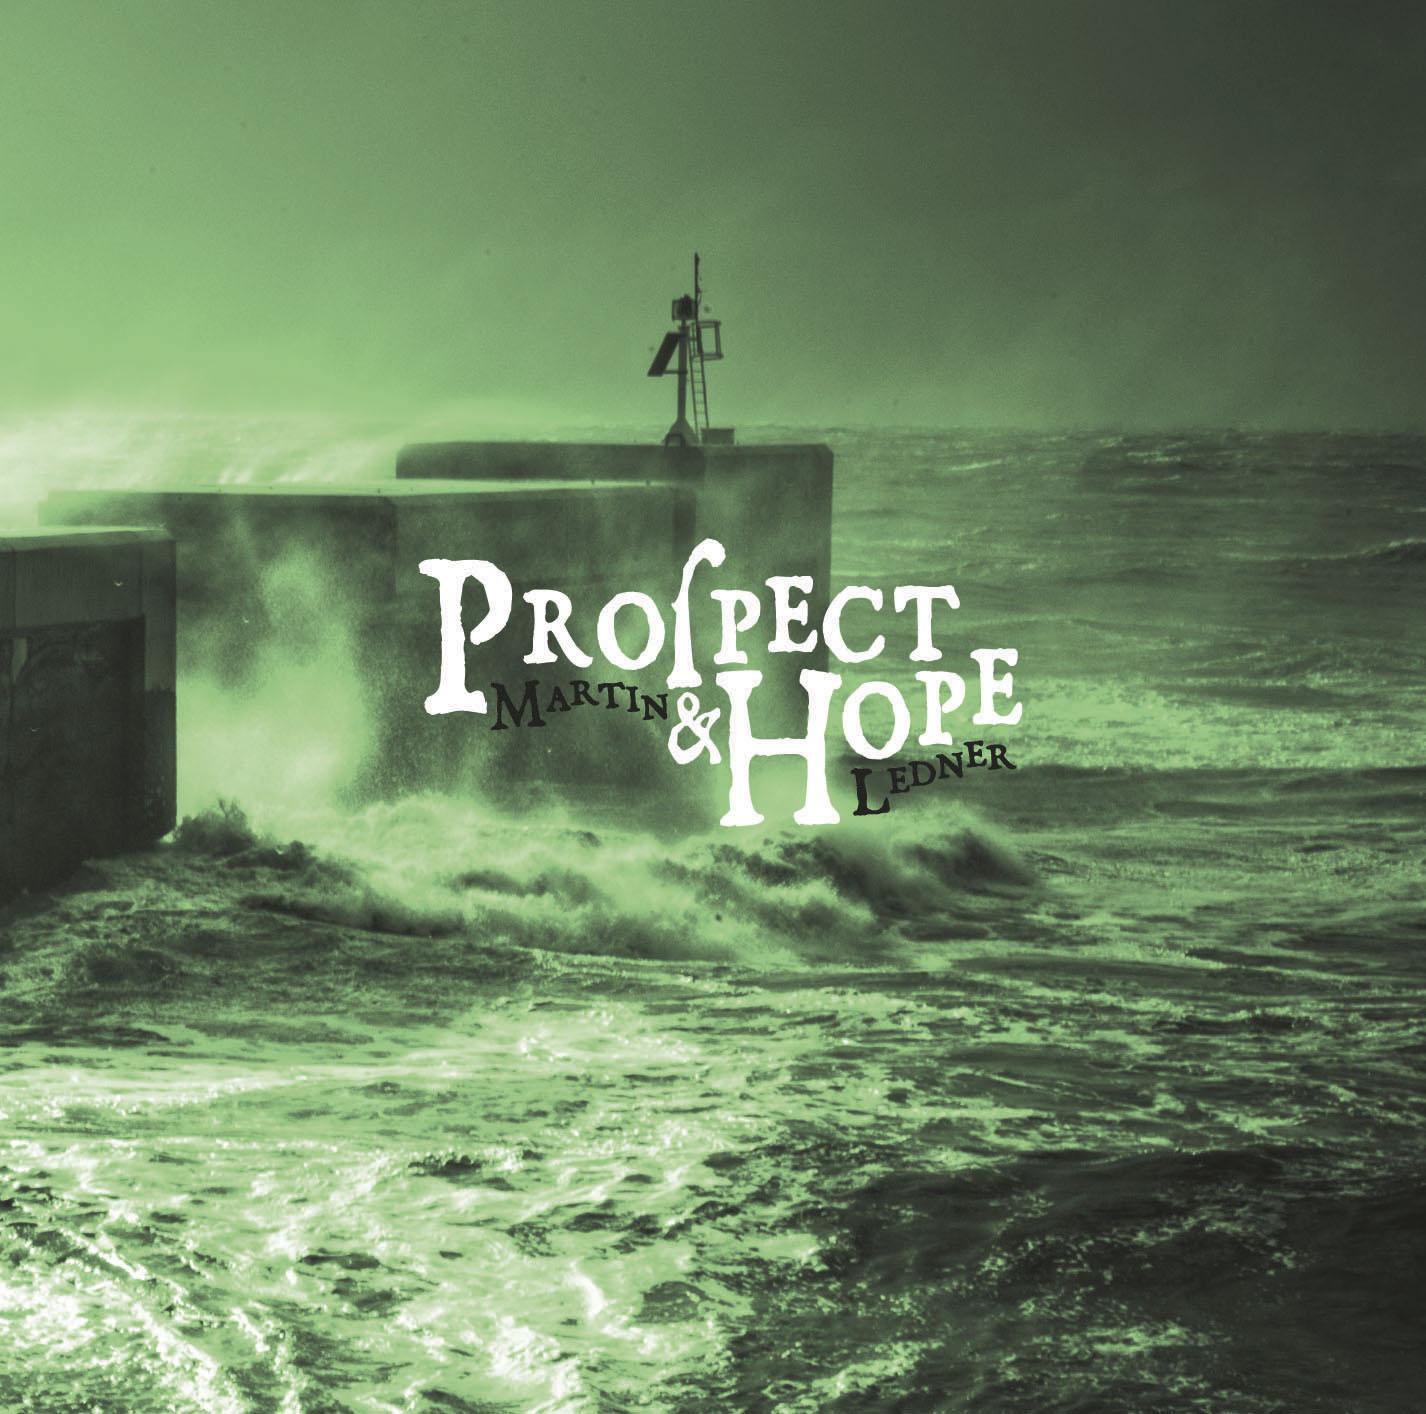 Prospect & Hope